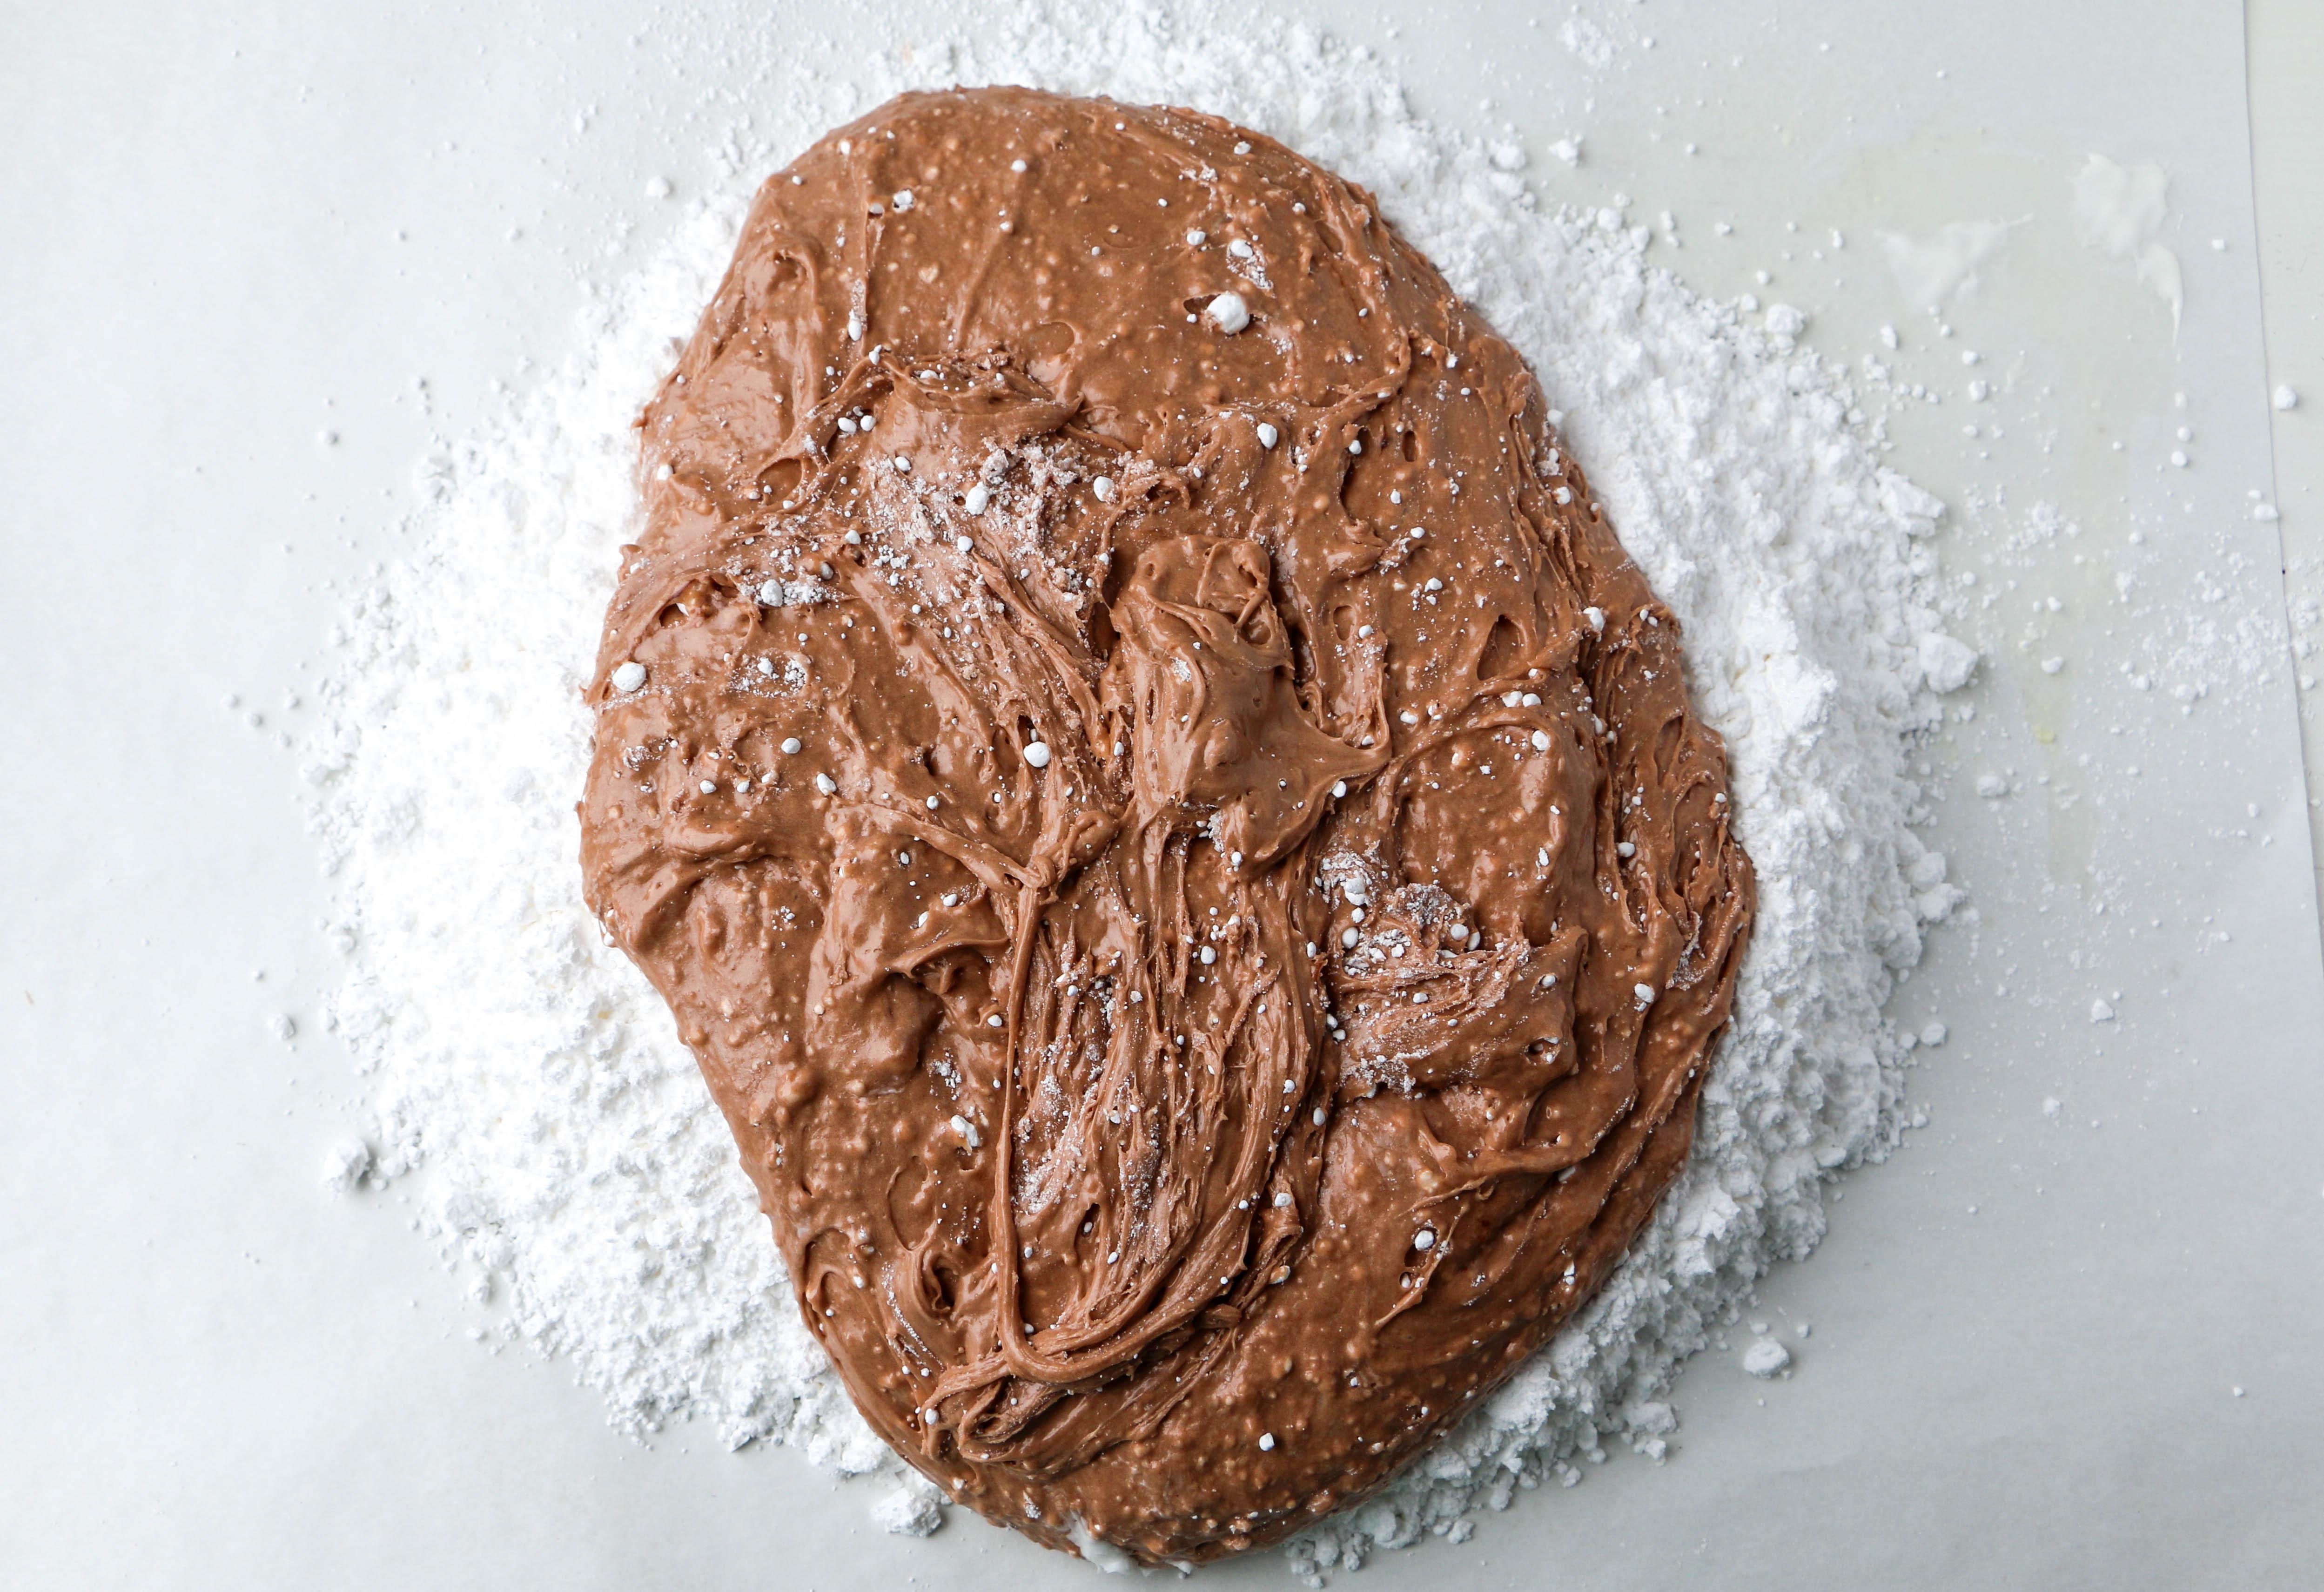 Combinando malvaviscos derretidos y azúcar | Erin Gardner